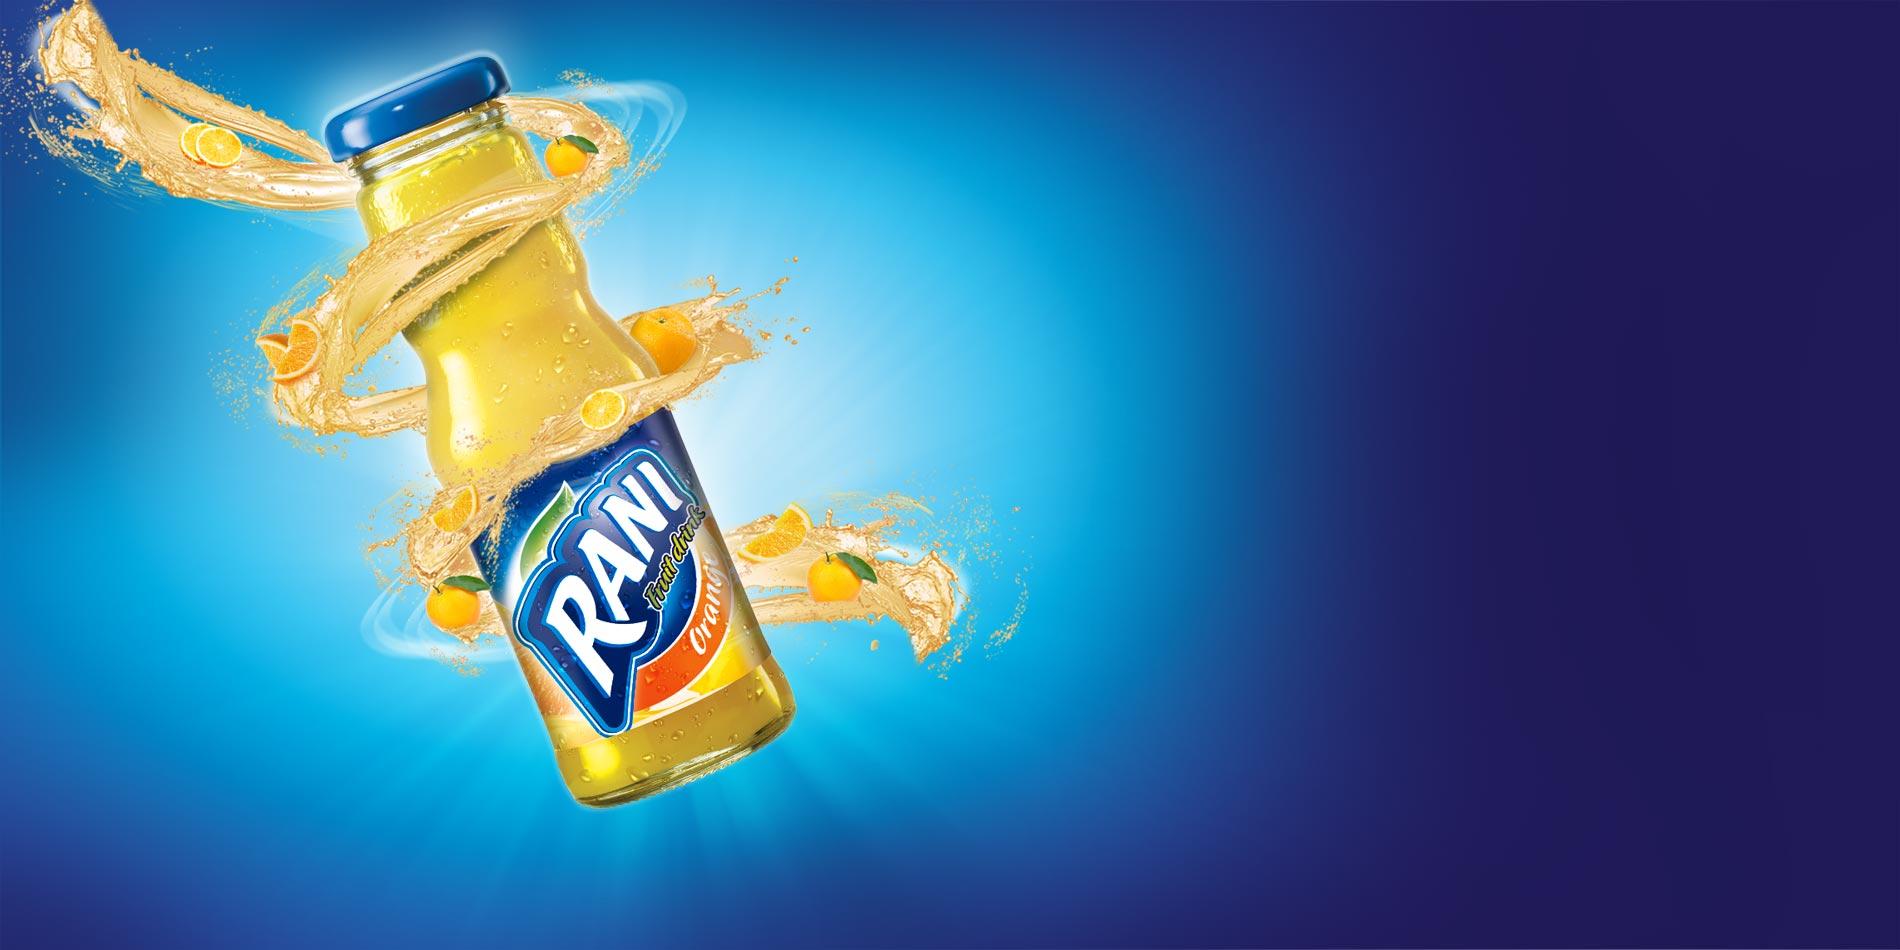 نوشیدنی پرتقال رانی